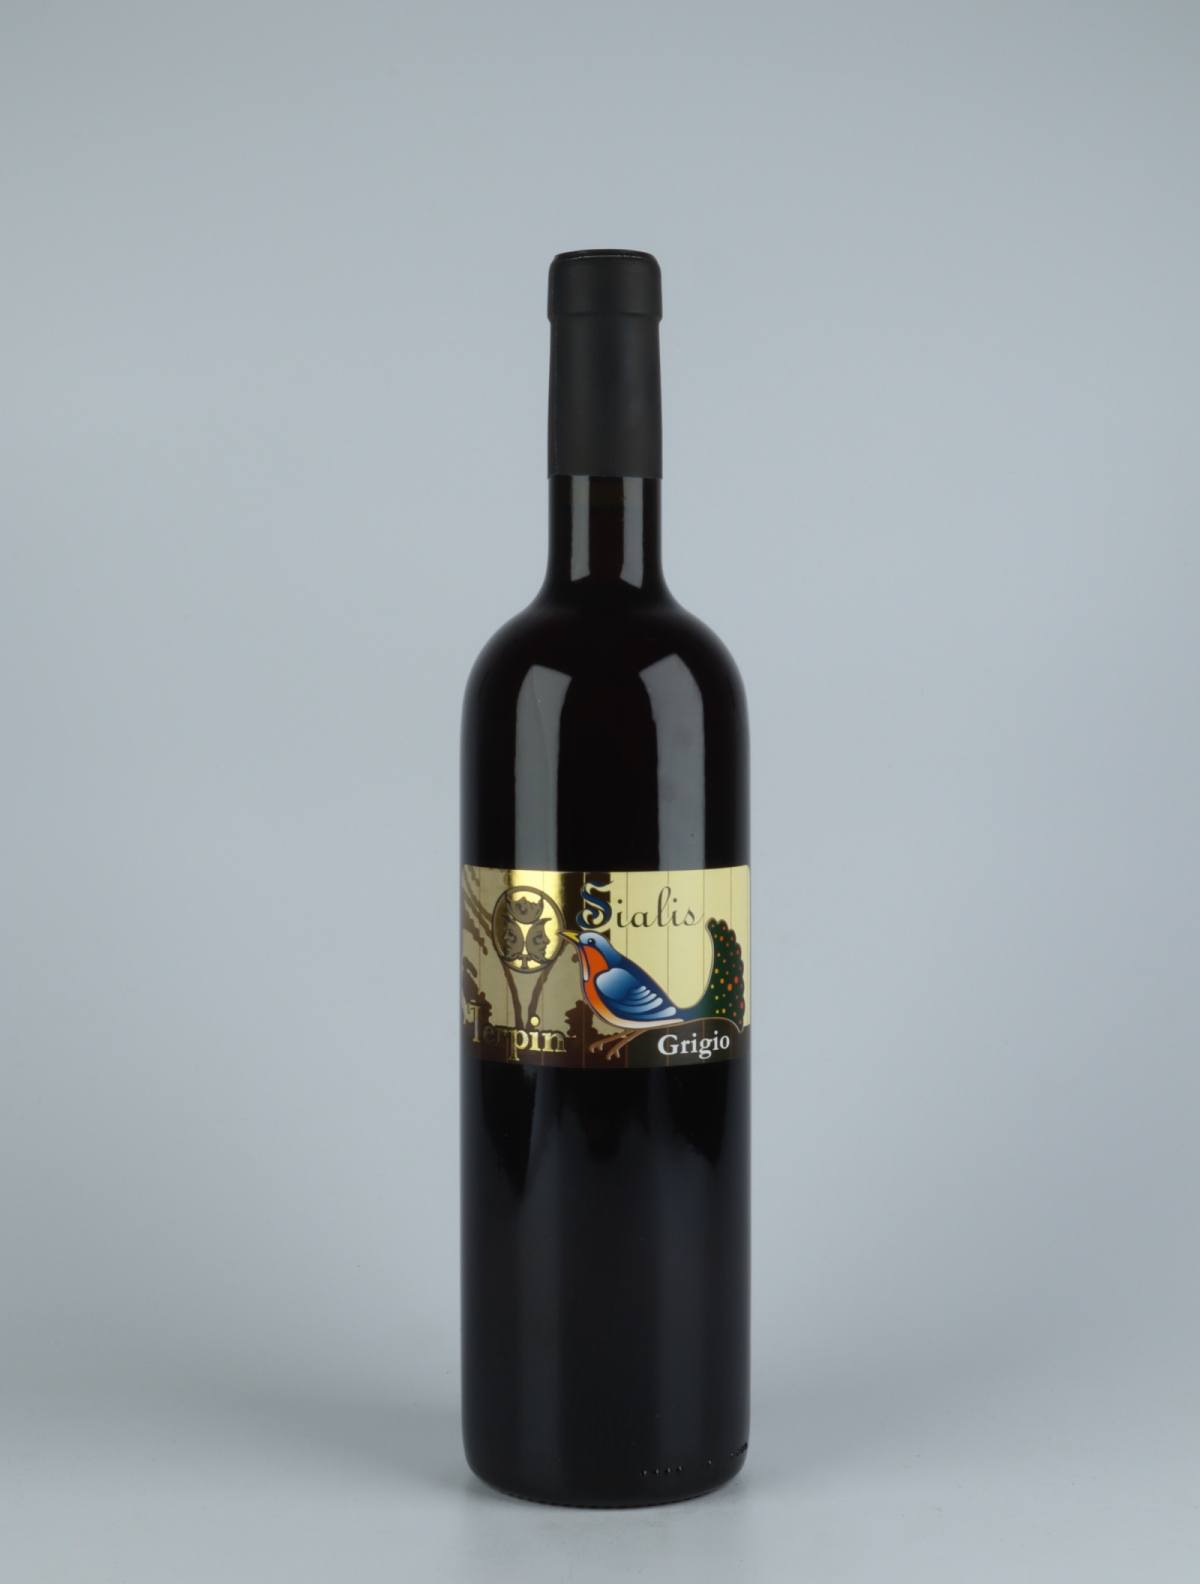 Sialis Pinot Grigio